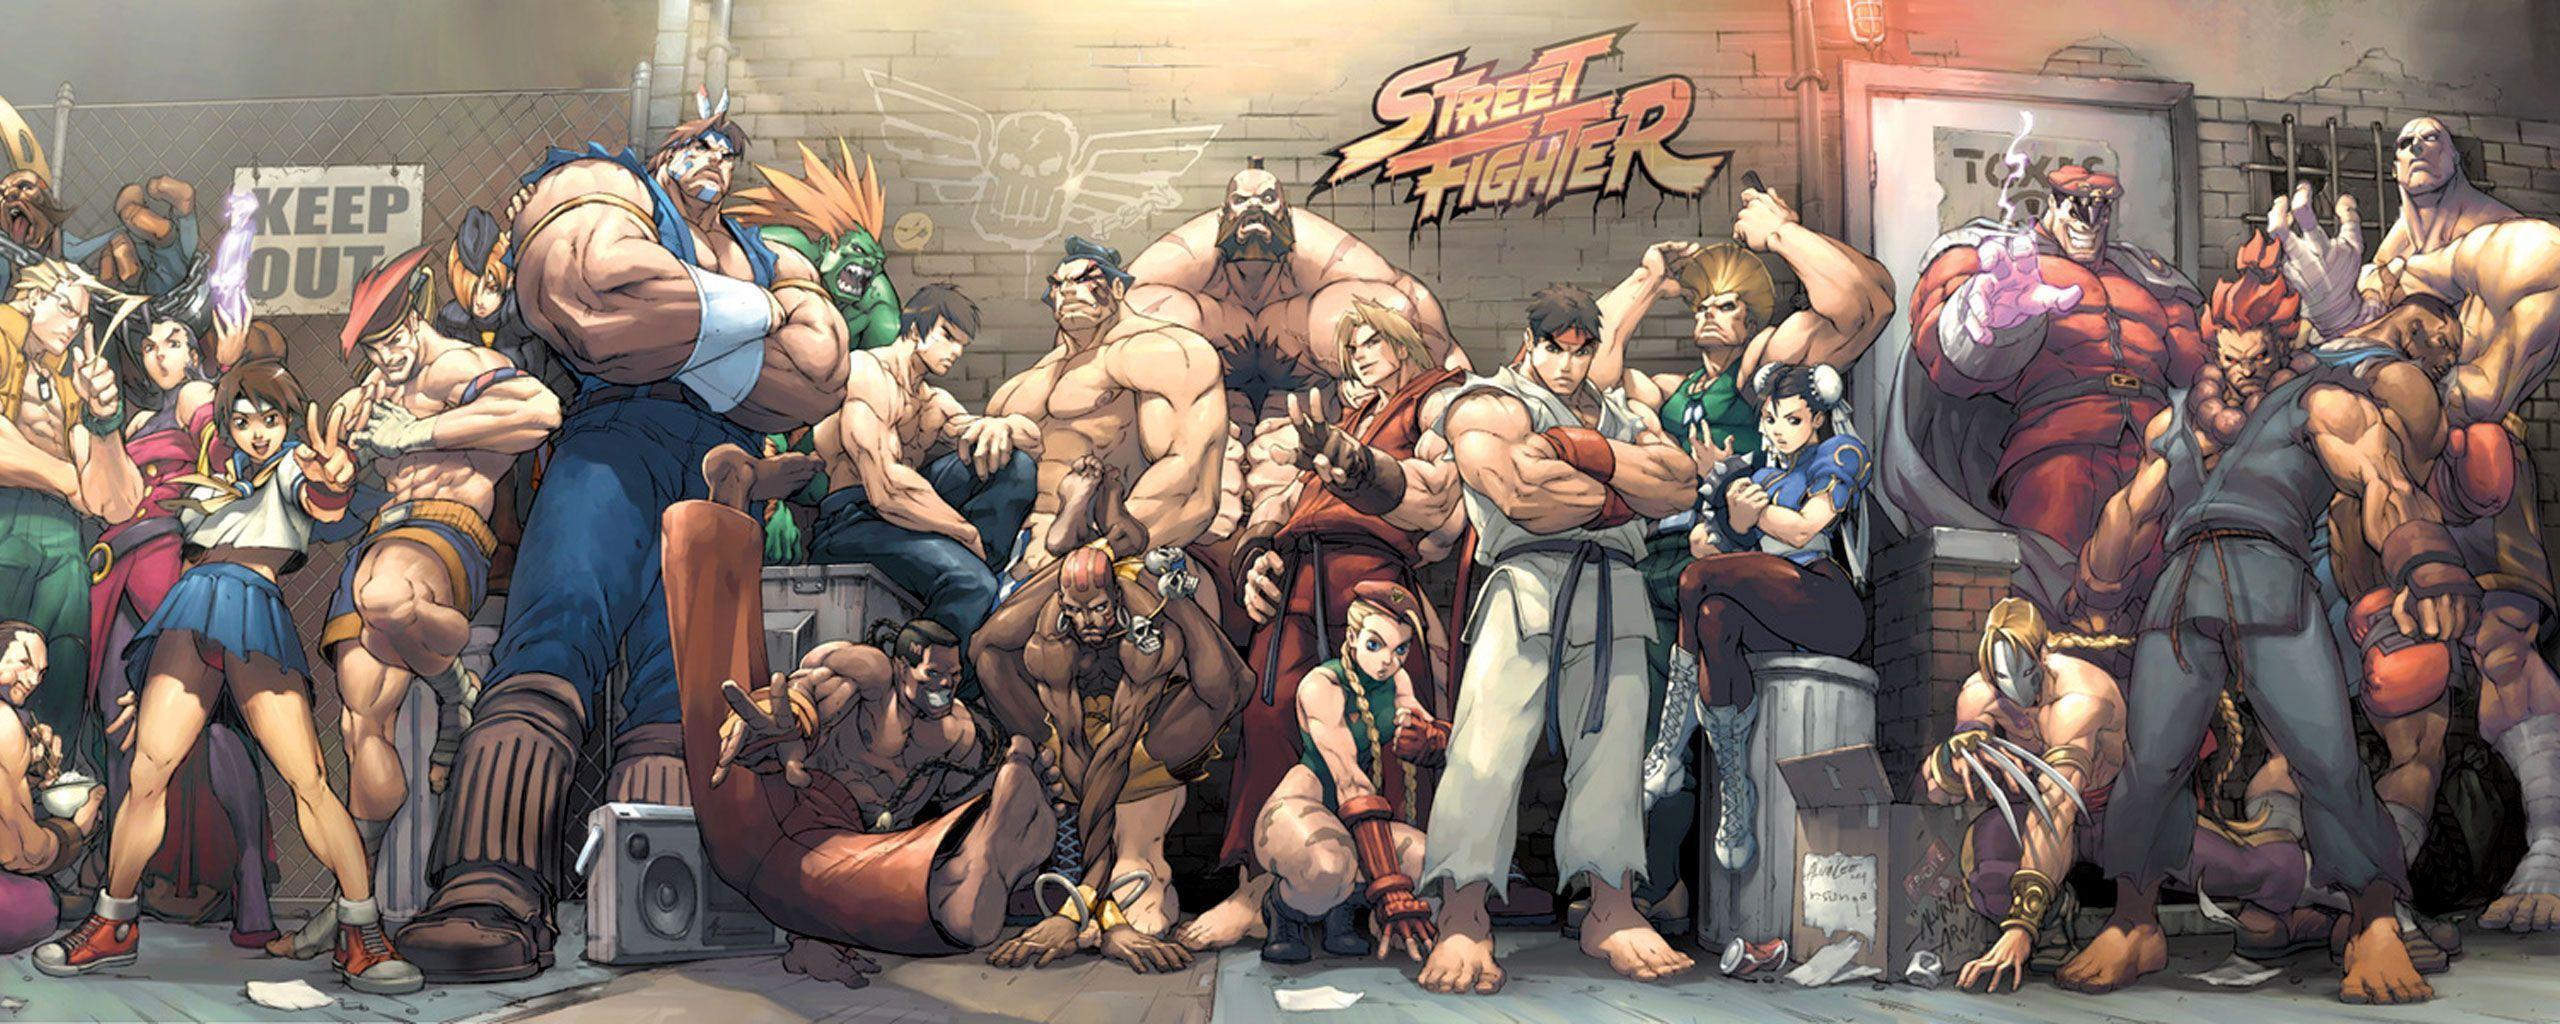 3d Art Street Wallpapers Street Fighter Hd Wallpapers Wallpaper Cave